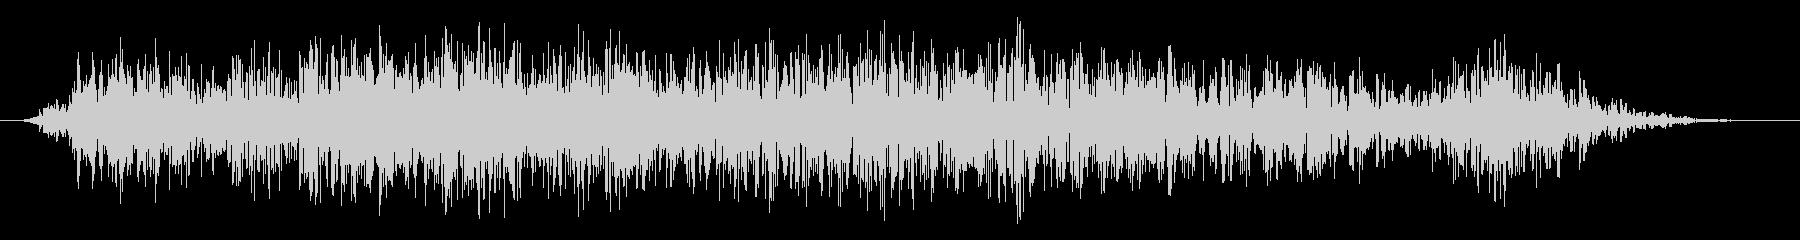 中世 ゲートストーンラージオープン01の未再生の波形